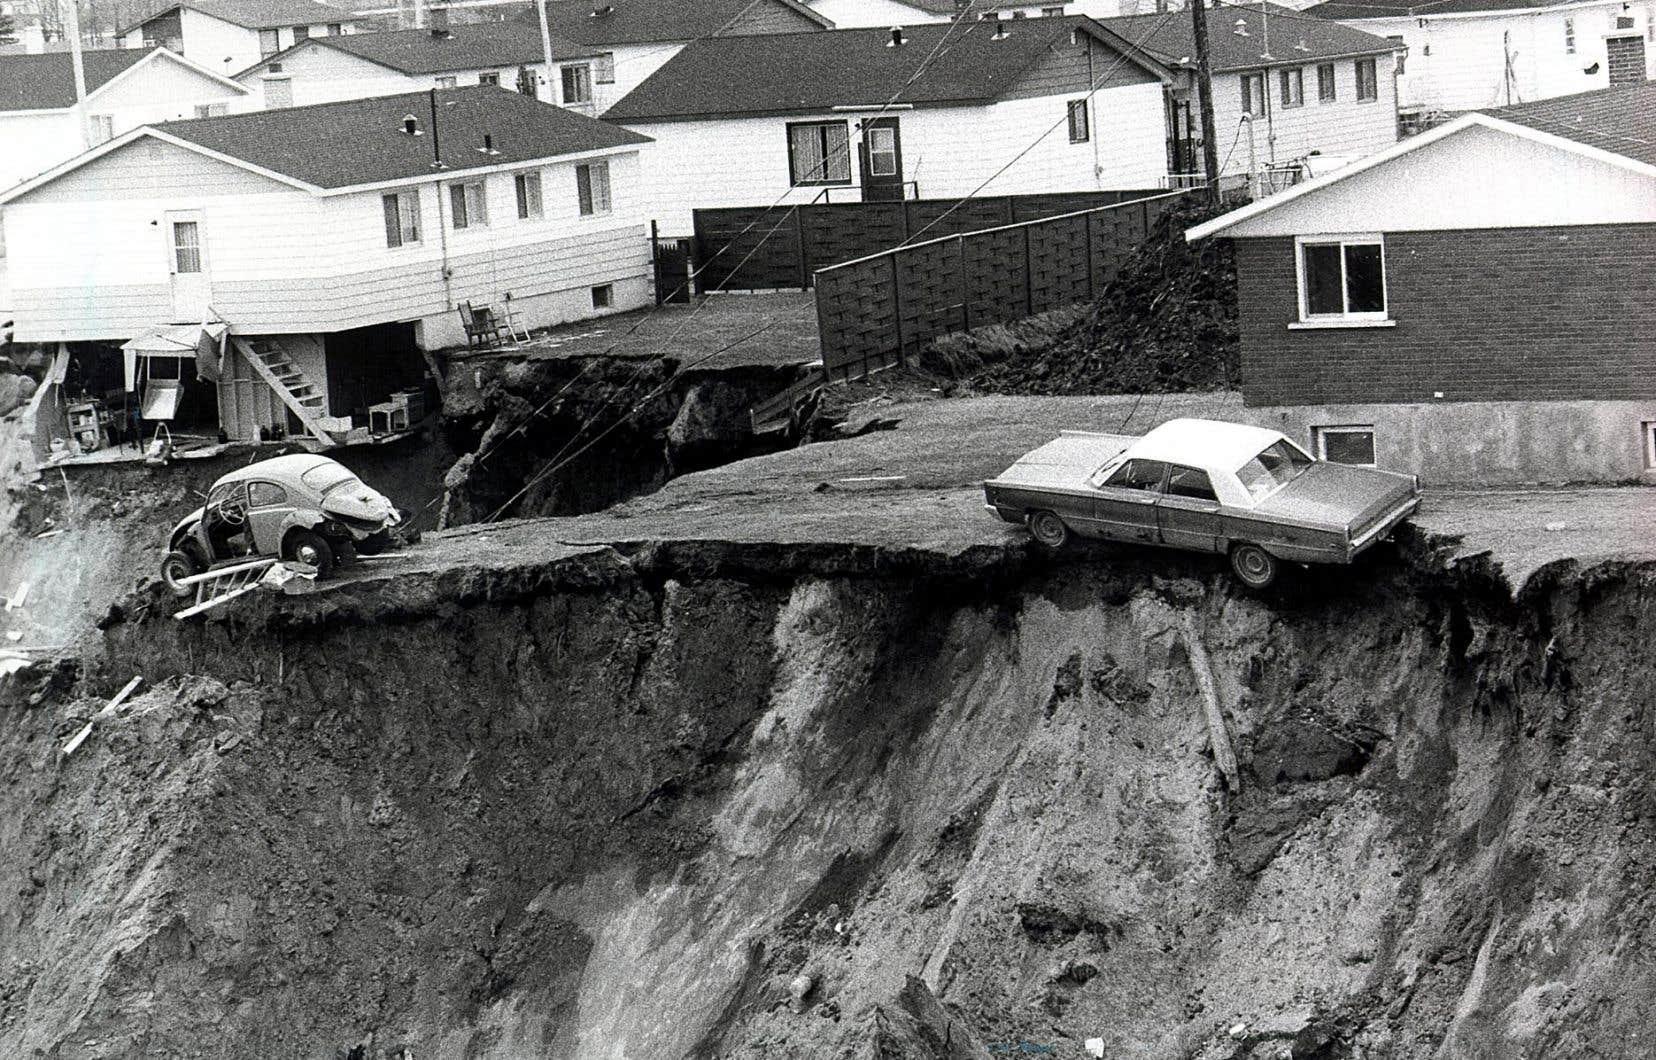 <p>Parmi les plus de 2000 résidents de la municipalité, des centaines ont perdu leur maison et leurs biens qui ont été engloutis dans un cratère de plus d'un kilomètre de long.</p>